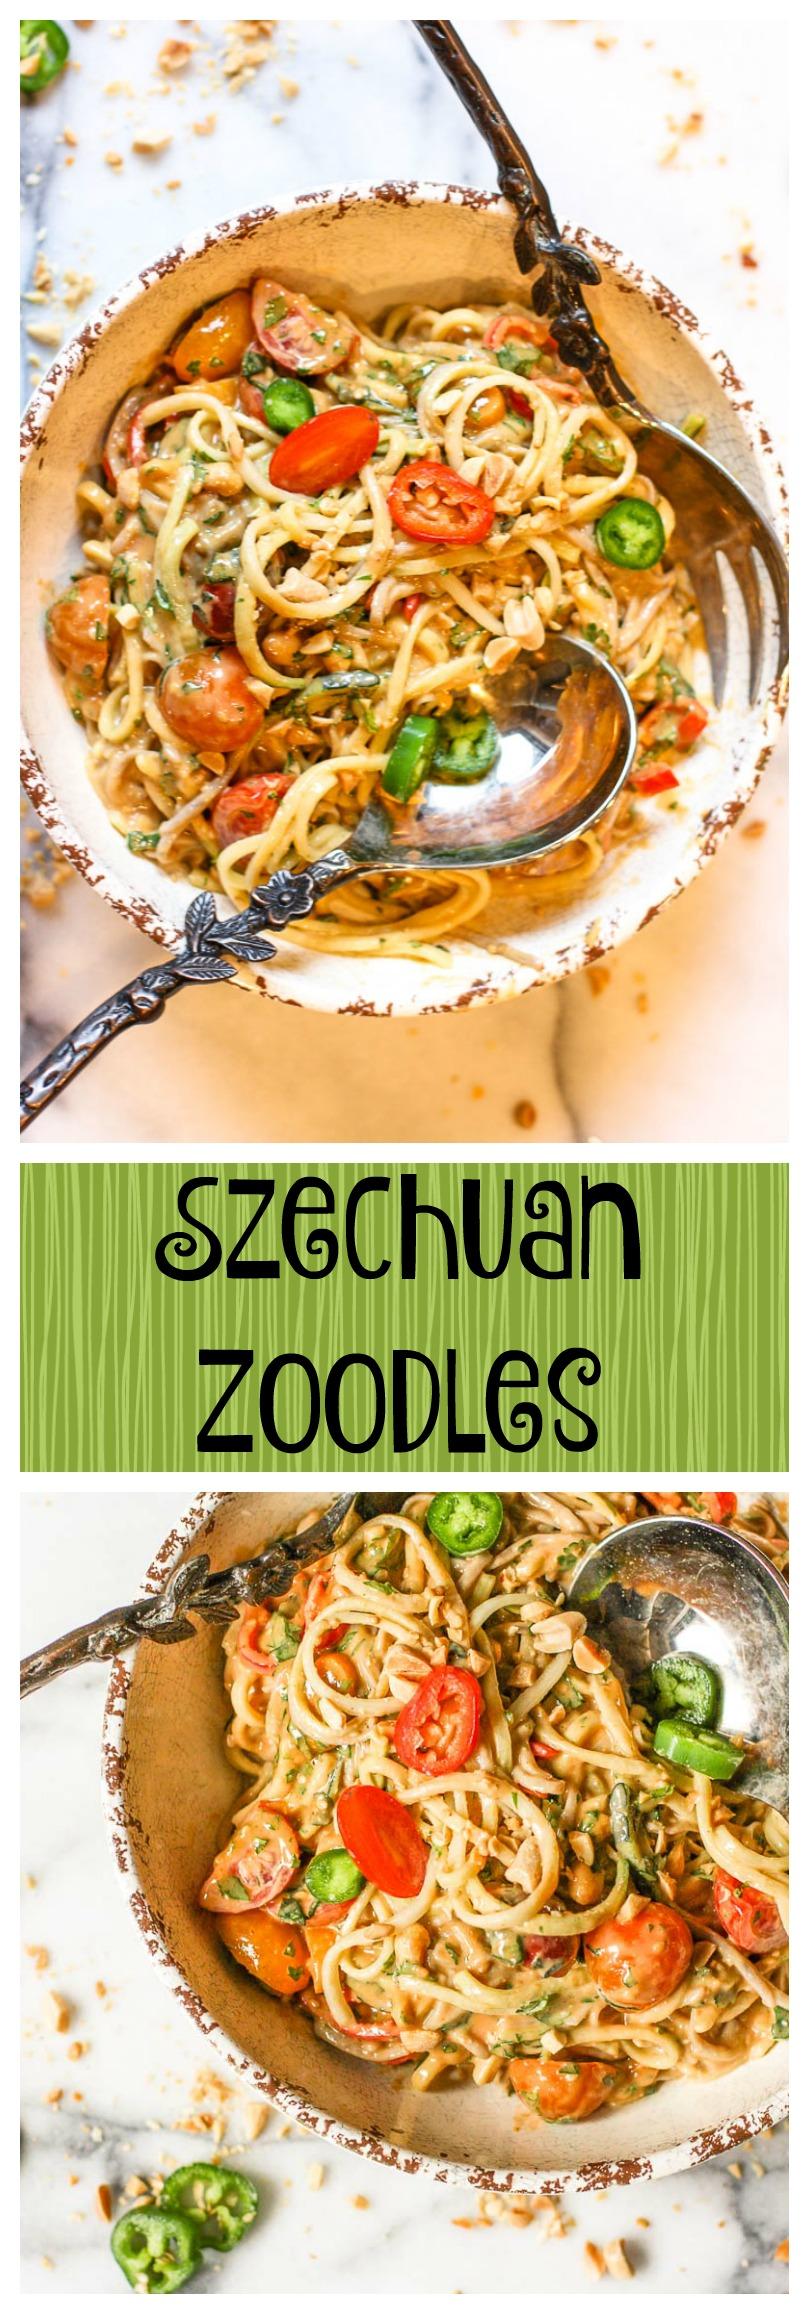 szechuan zoodles